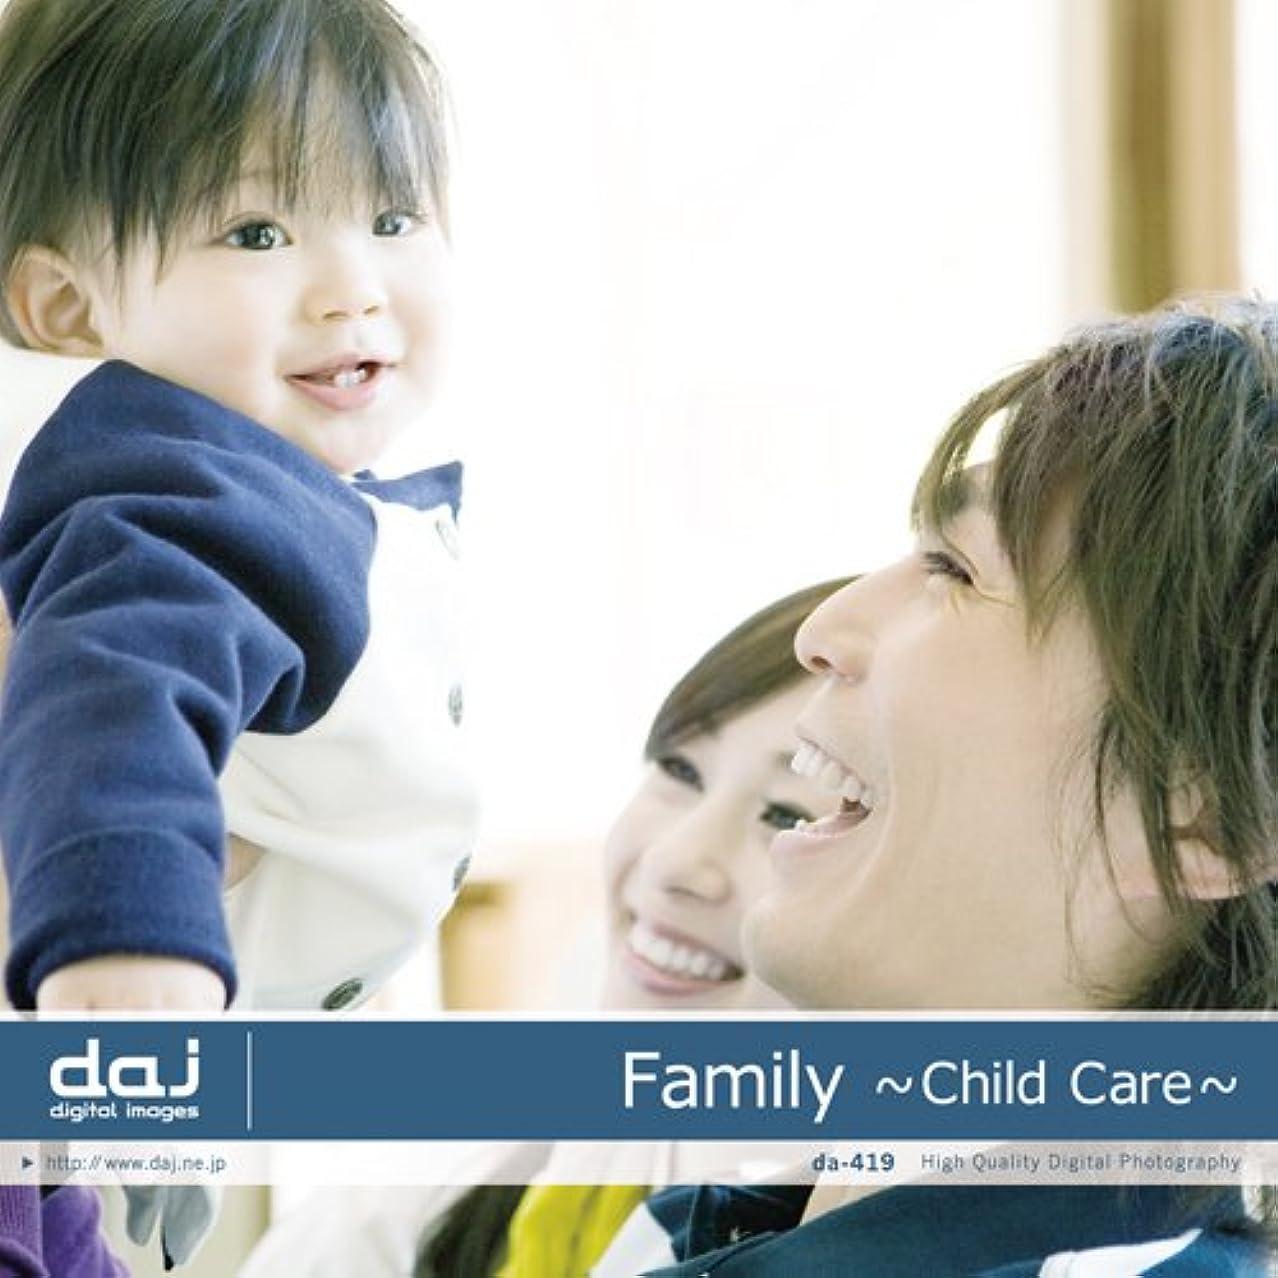 現代のヘア補助DAJ 419 FAMILY -CHILD CARE-